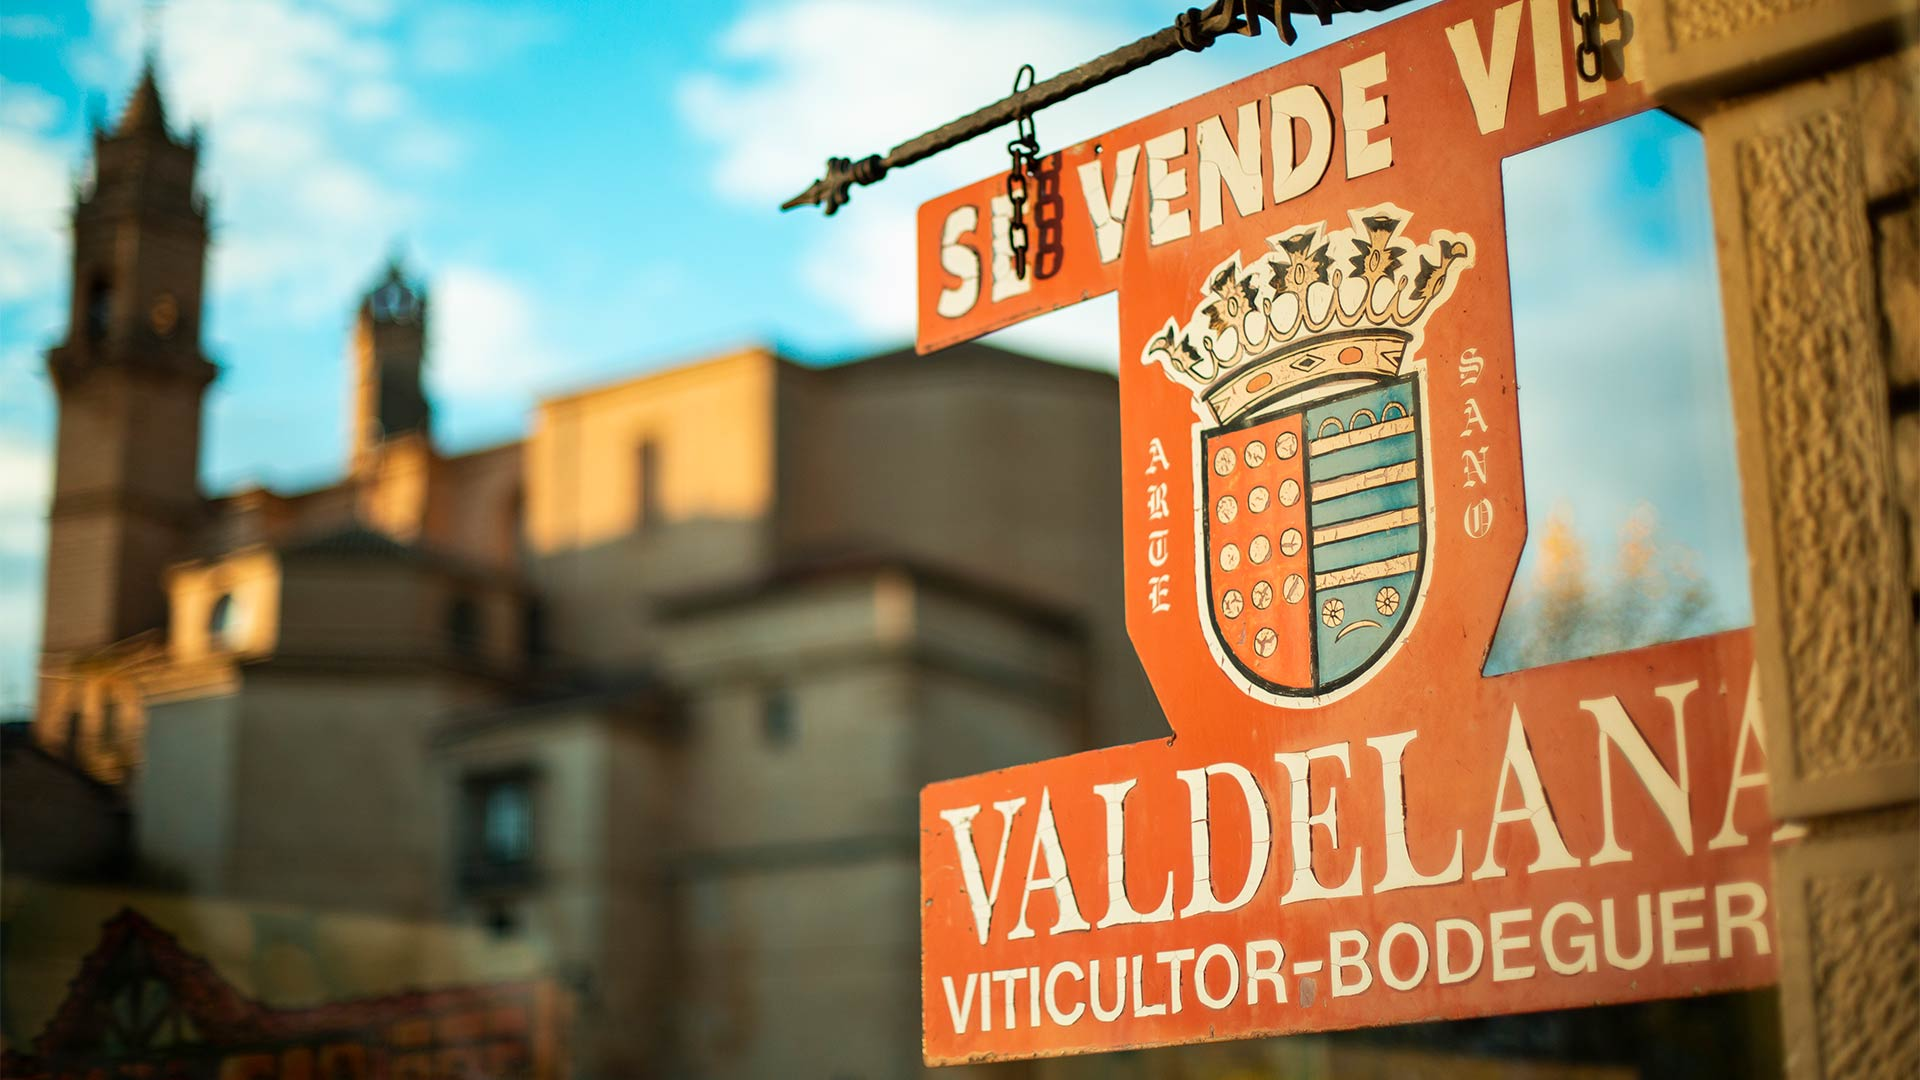 Agroturismo Valdelana, la tienda y la bodega museo reabren sus puertas el 1 de julio.